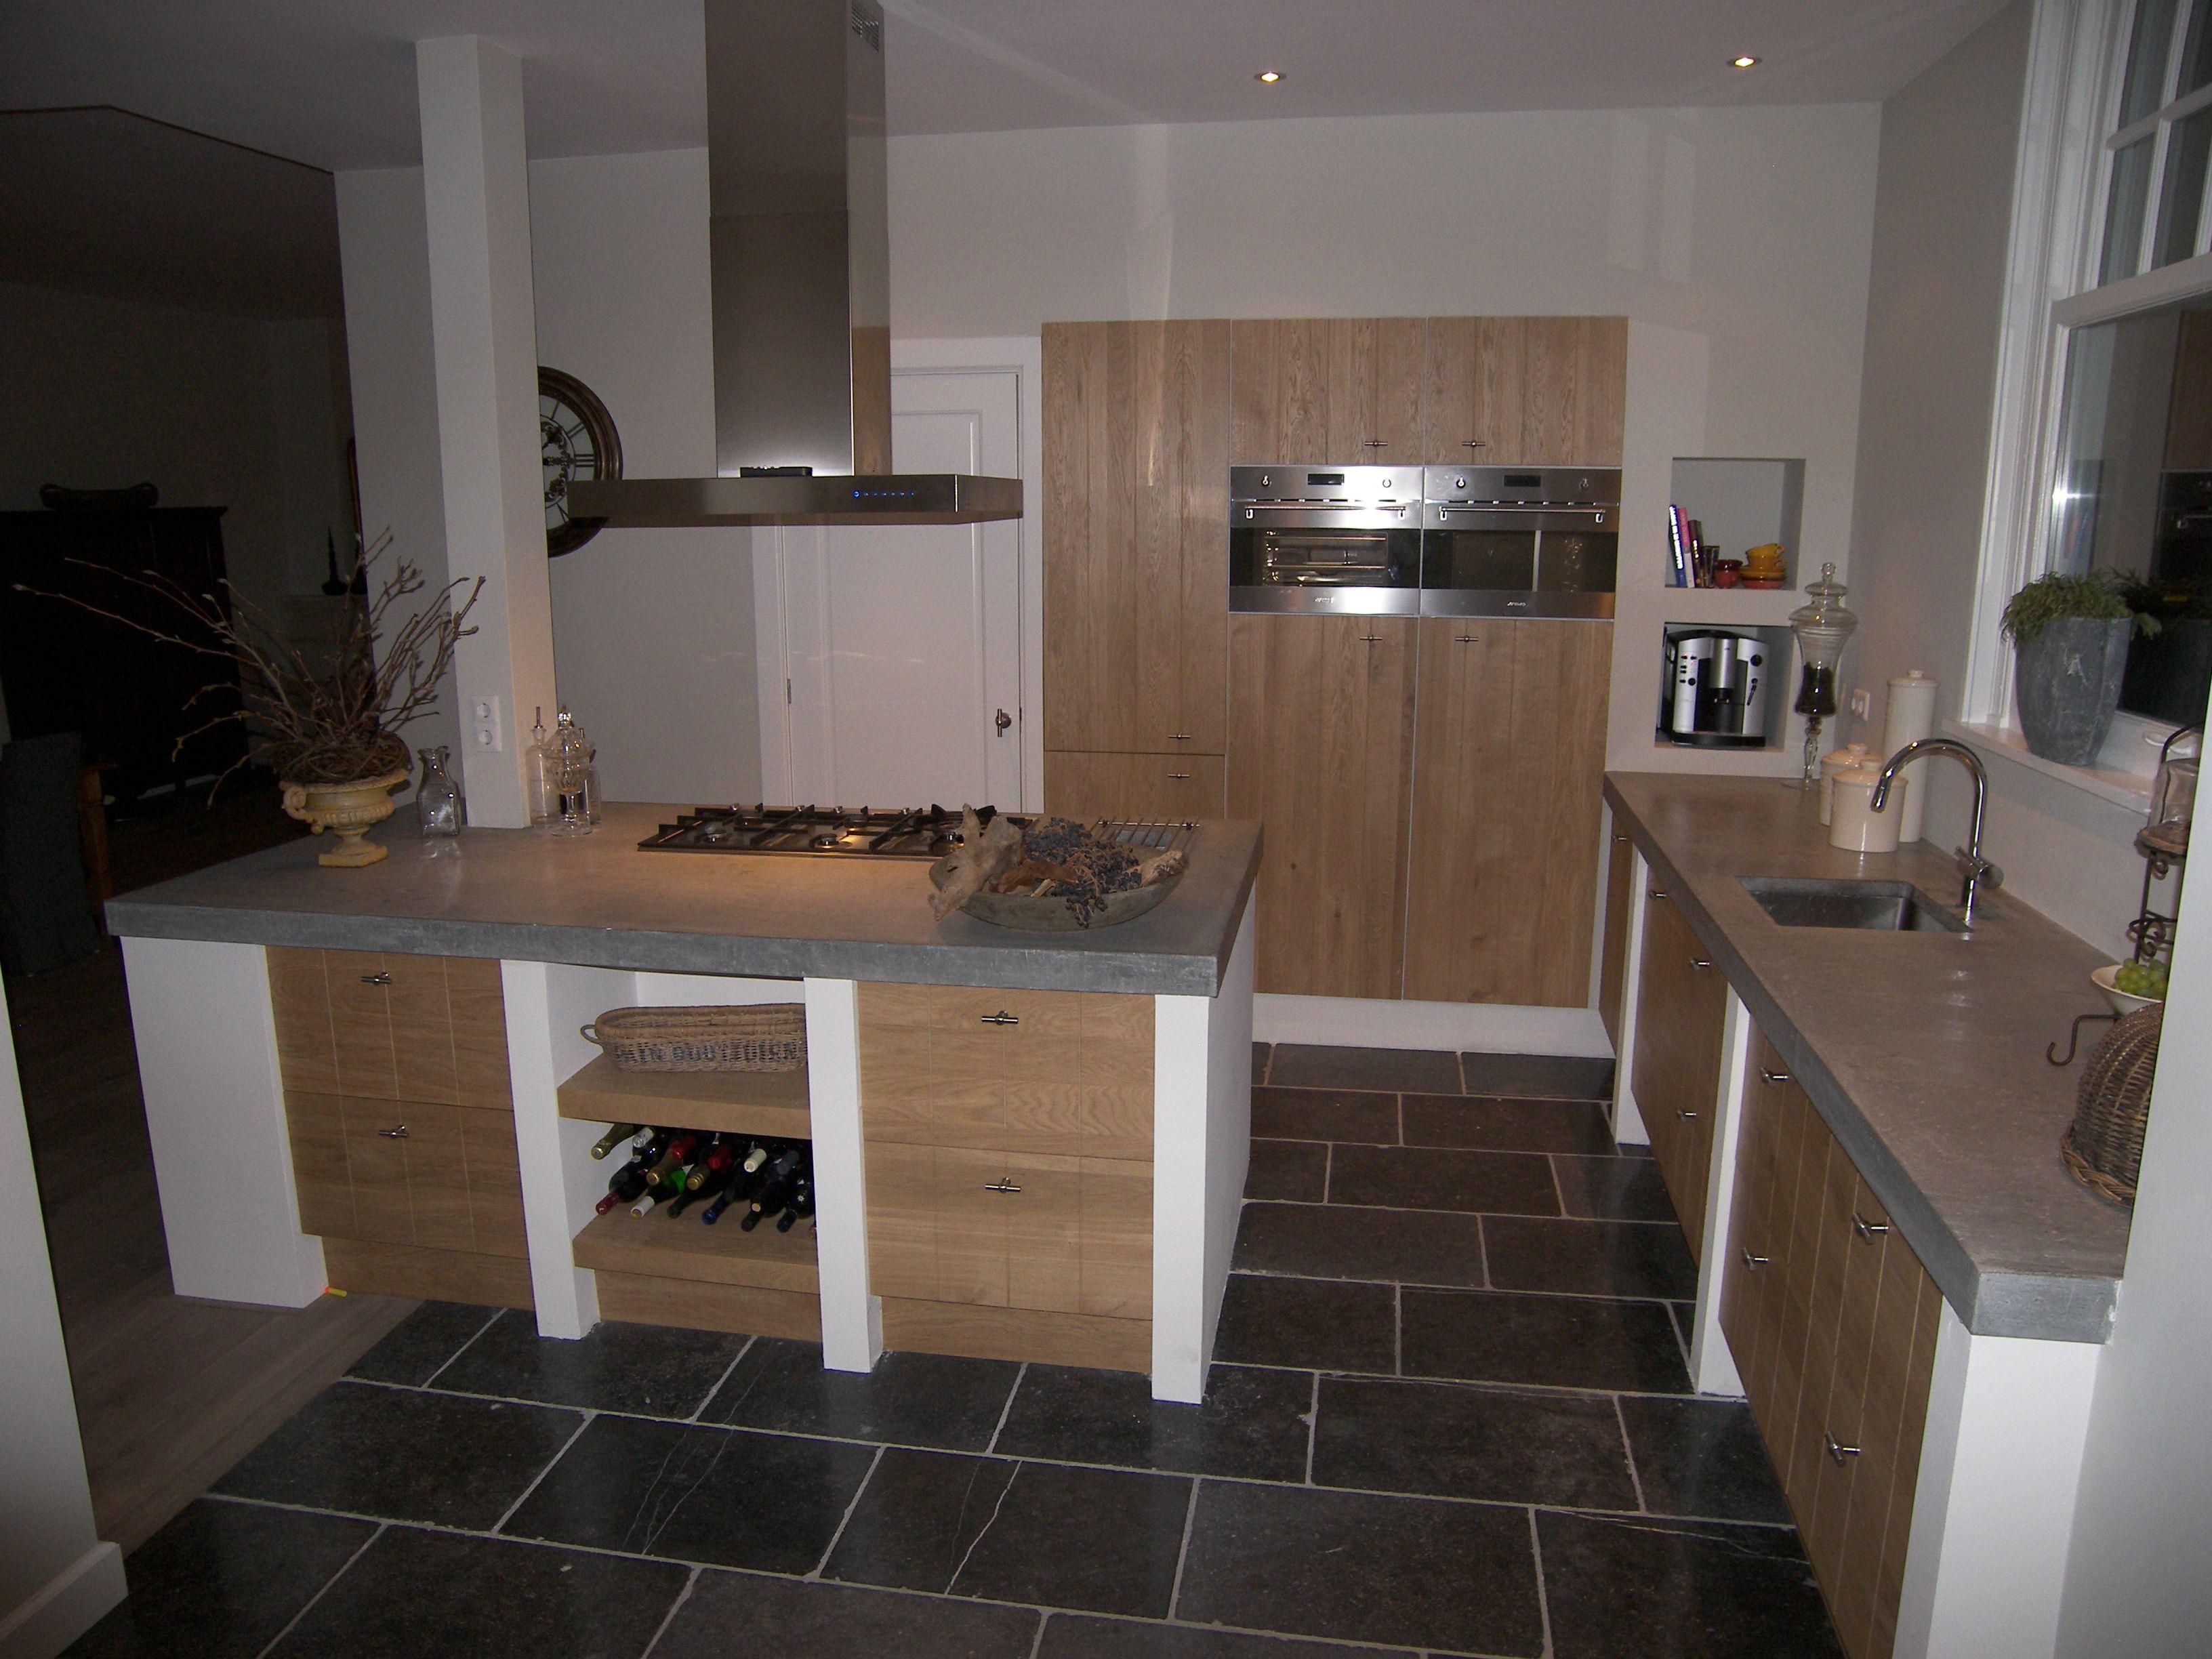 Keuken Ikea Kastenwand : Keuken ikea kastenwand goedkoop keuken op basis van ikea